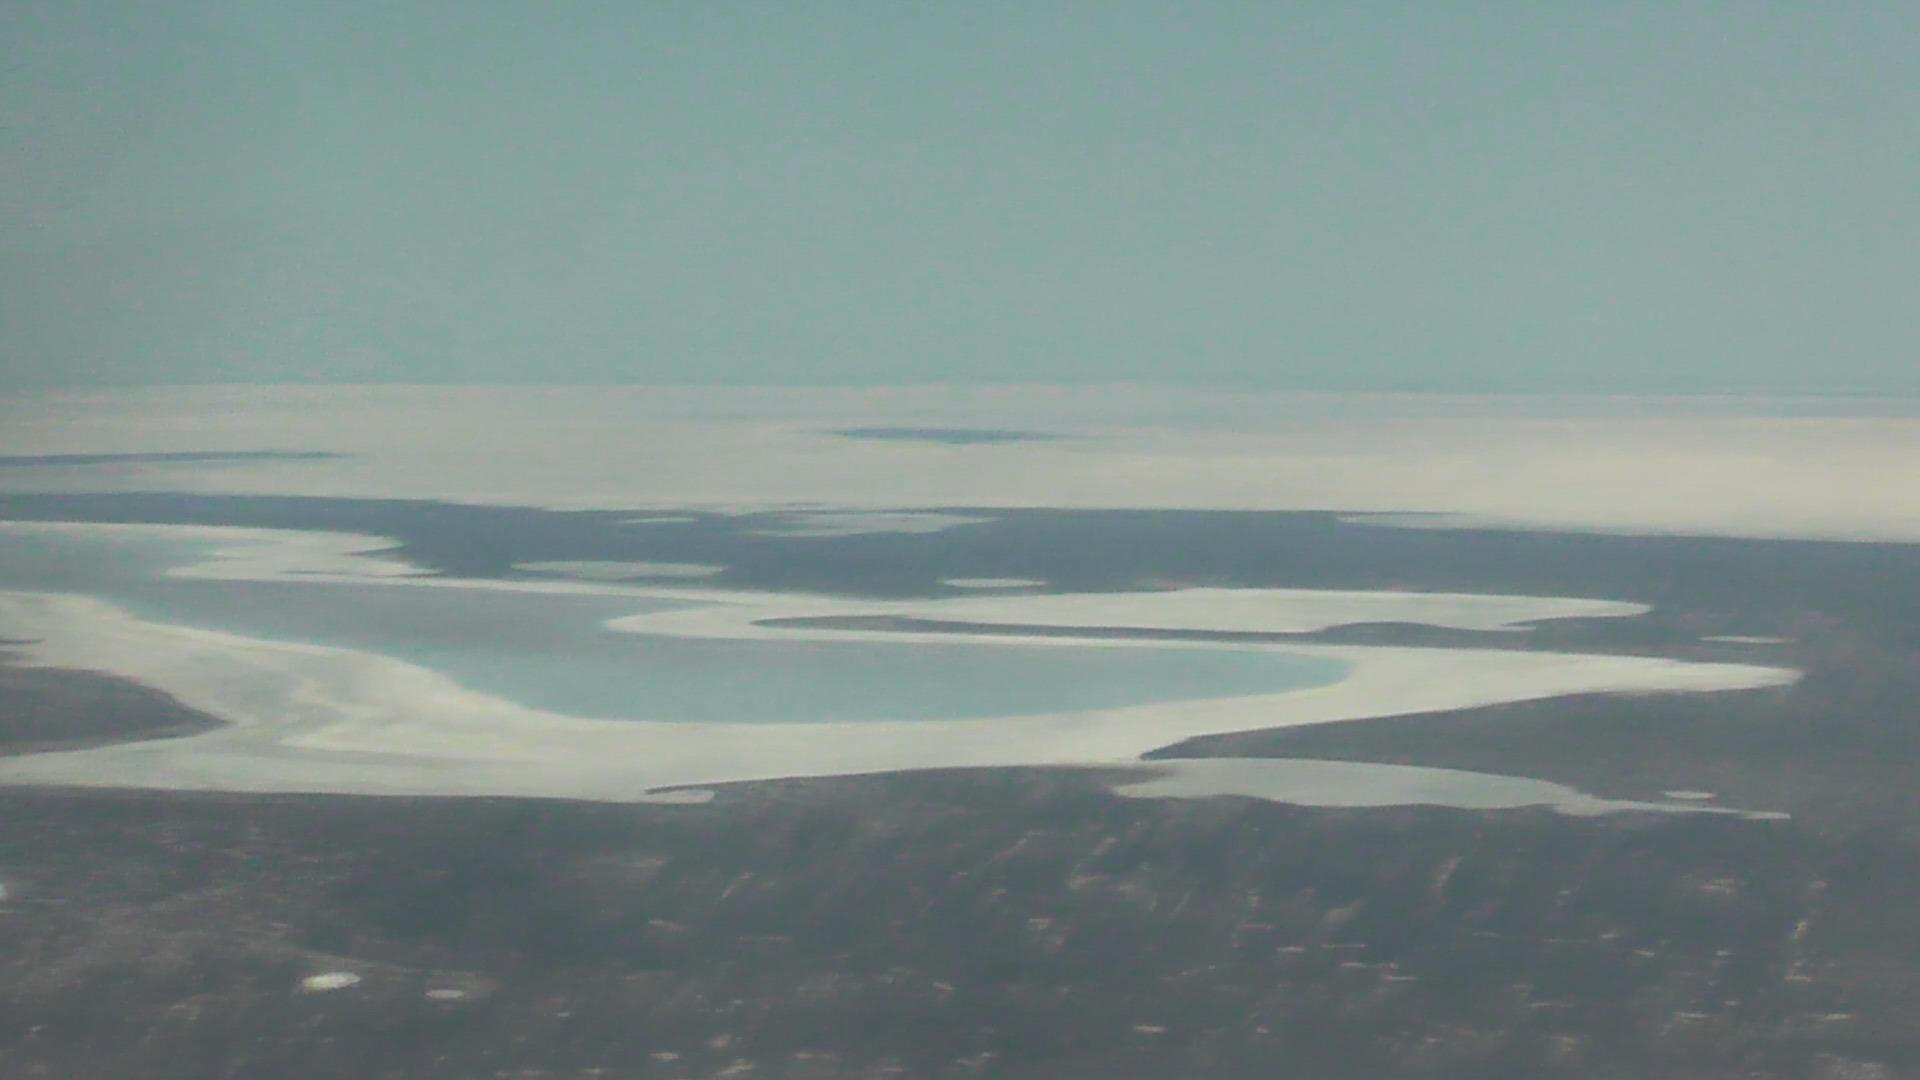 Earth Healing Lake Eyre